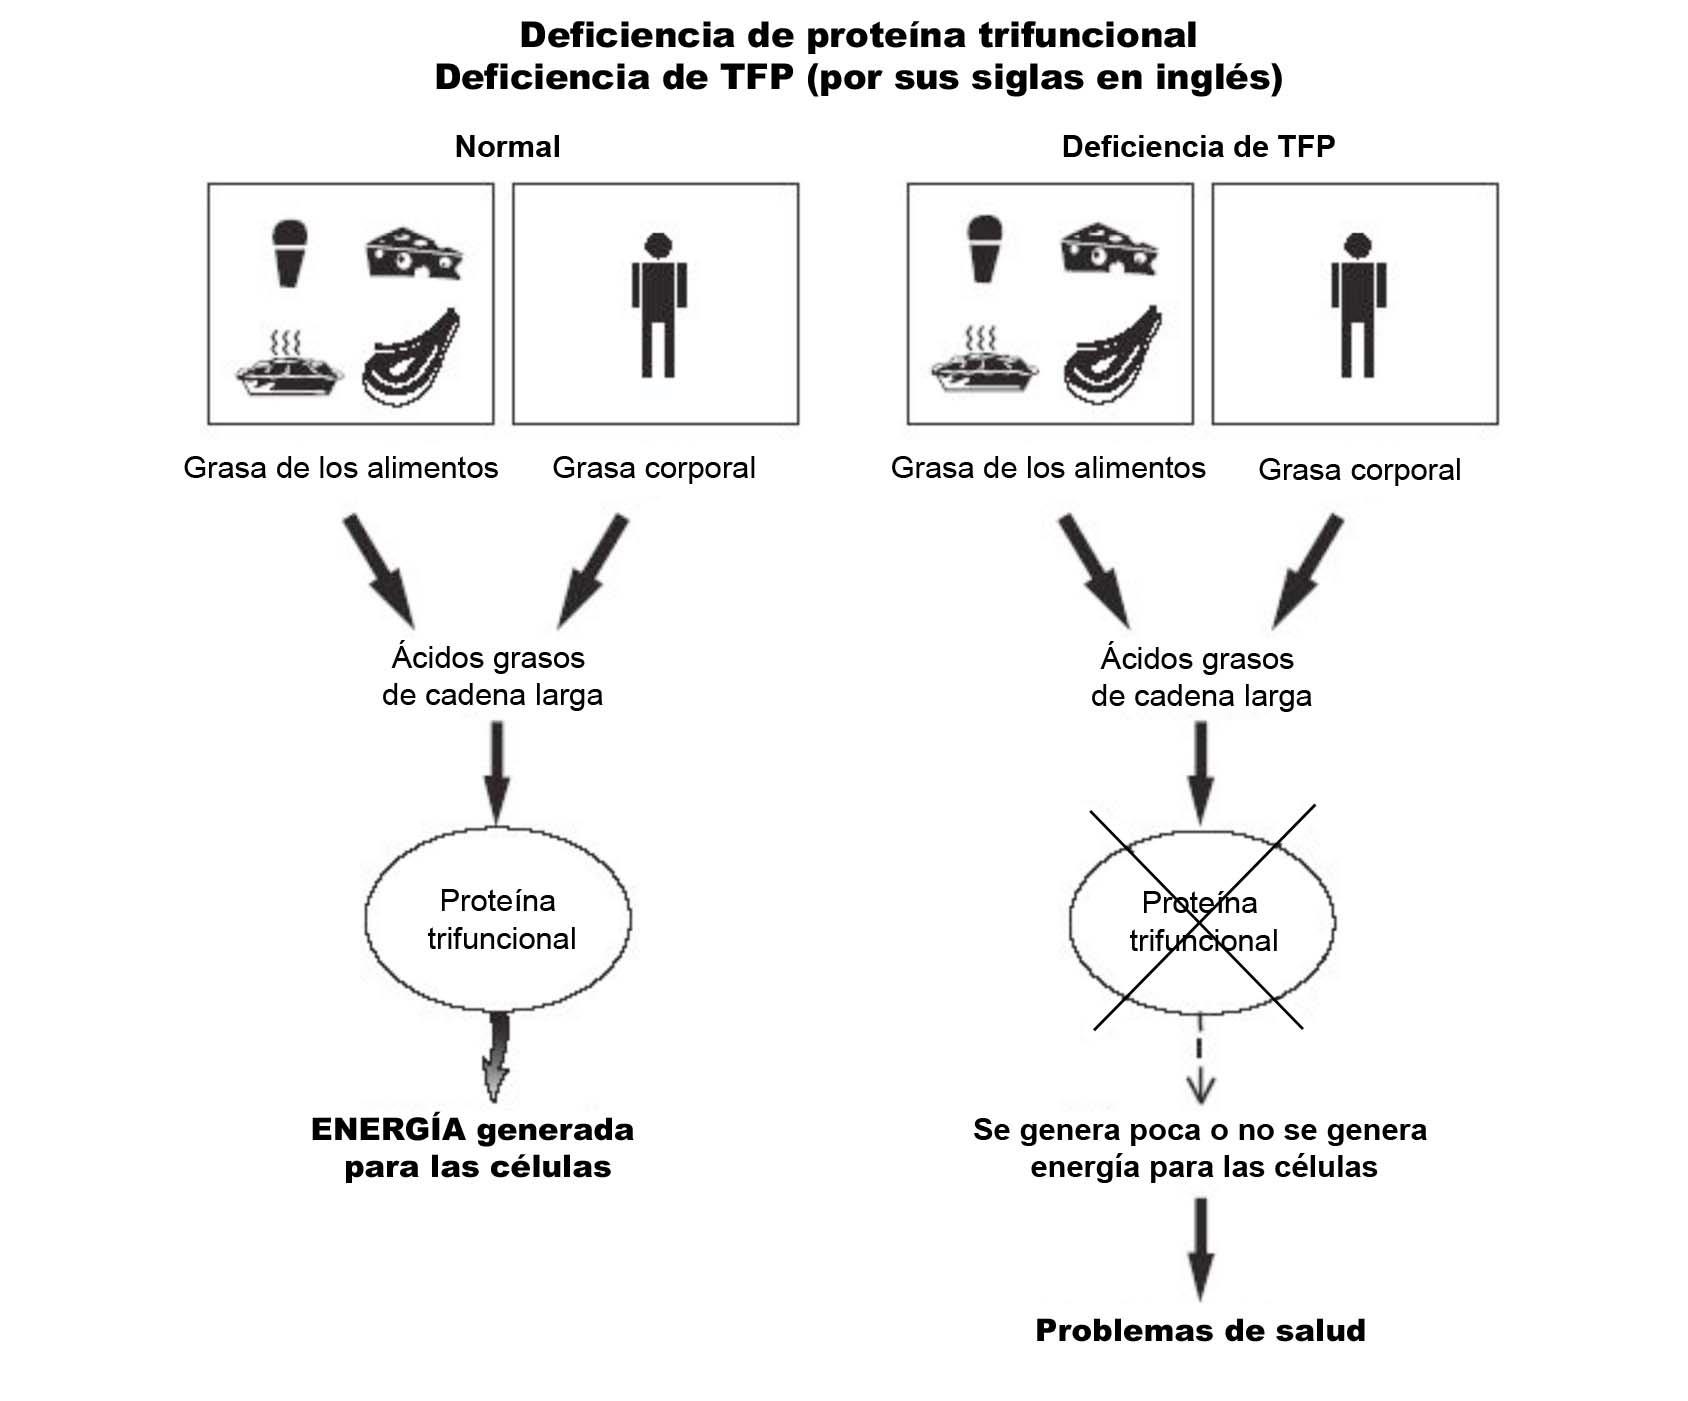 TFP Deficiency Diagram